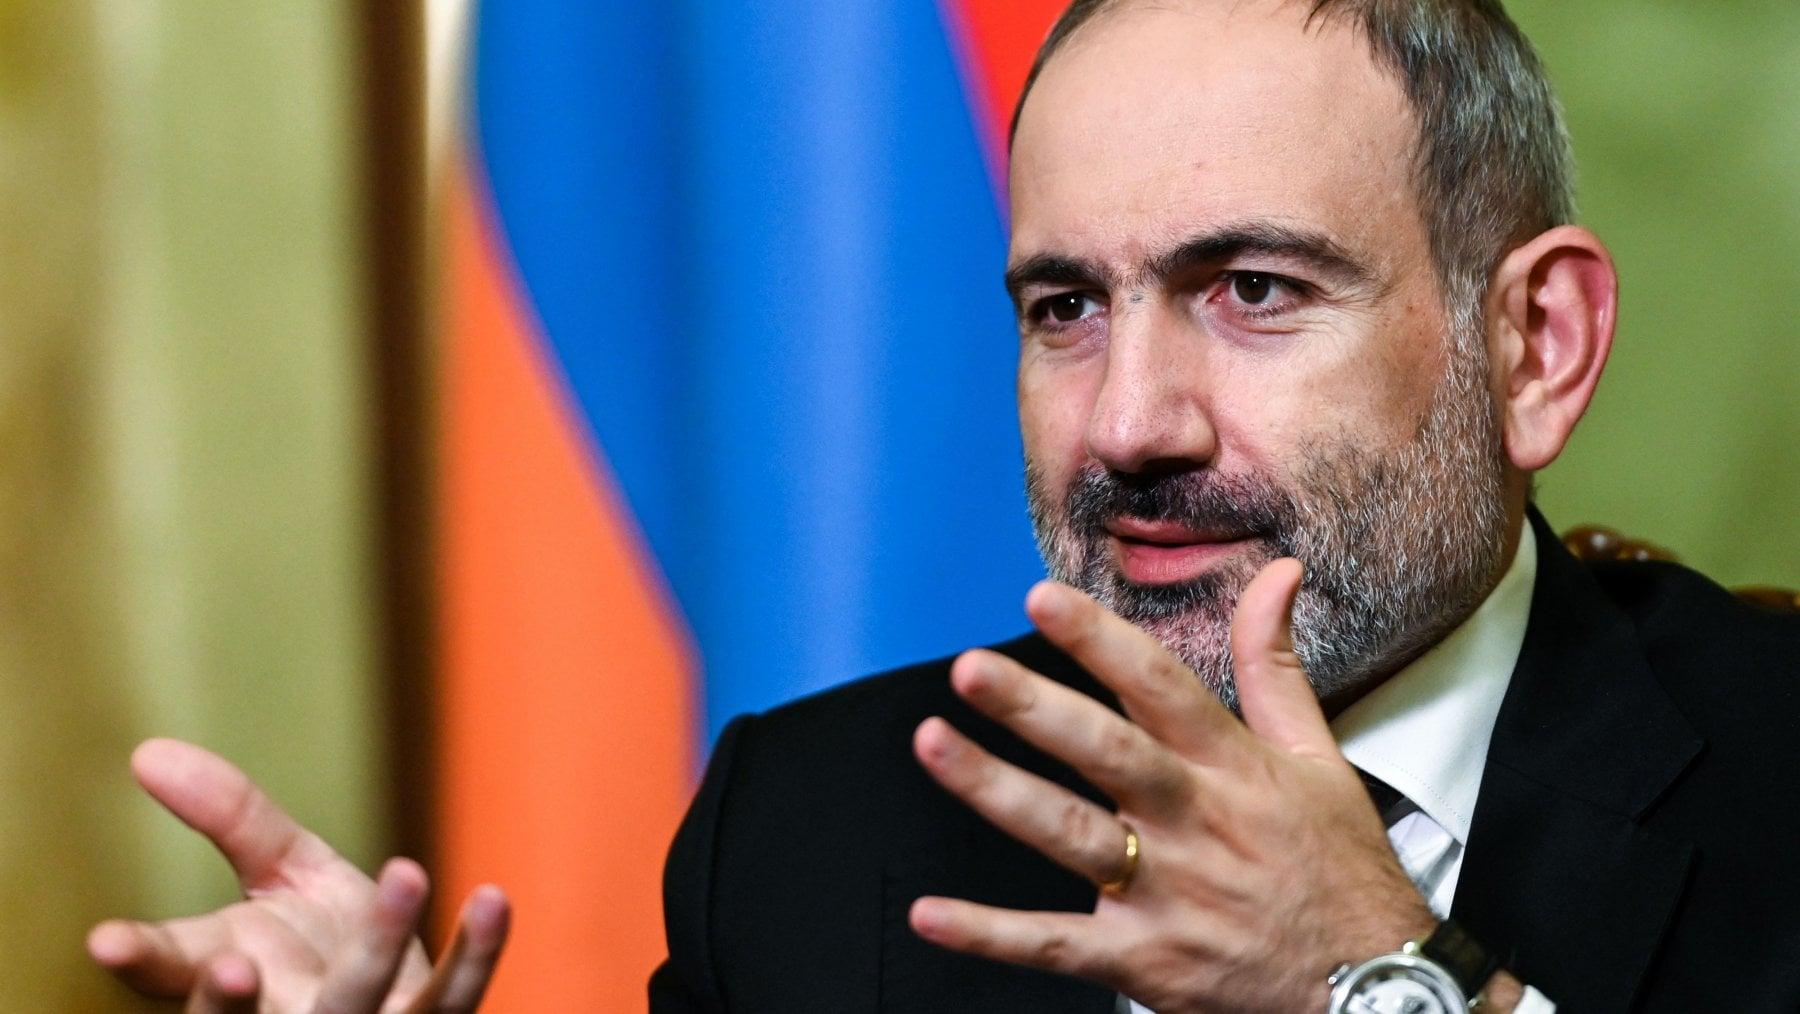 232300002 b27daa67 5d3c 41ed 88c4 7330791e9495 - Nagorno-Karabakh, Armenia e Azerbaijan annunciano tregua umanitaria